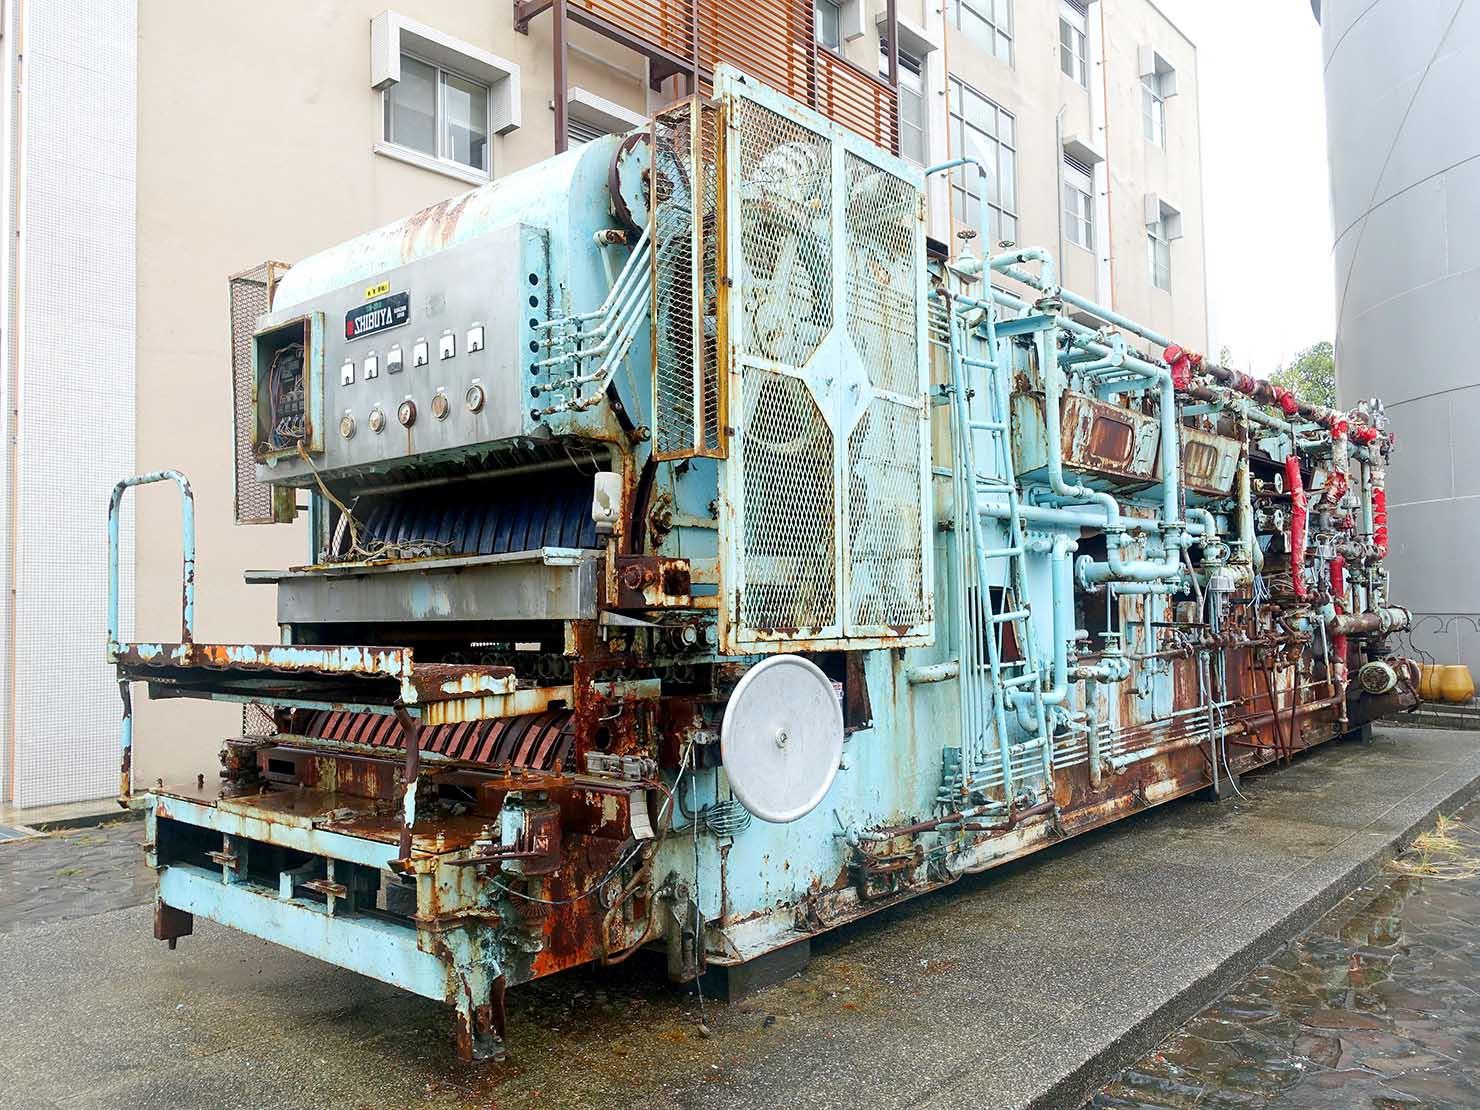 嘉義のおすすめ観光スポット「嘉義文創園區」で昔使われていた機械